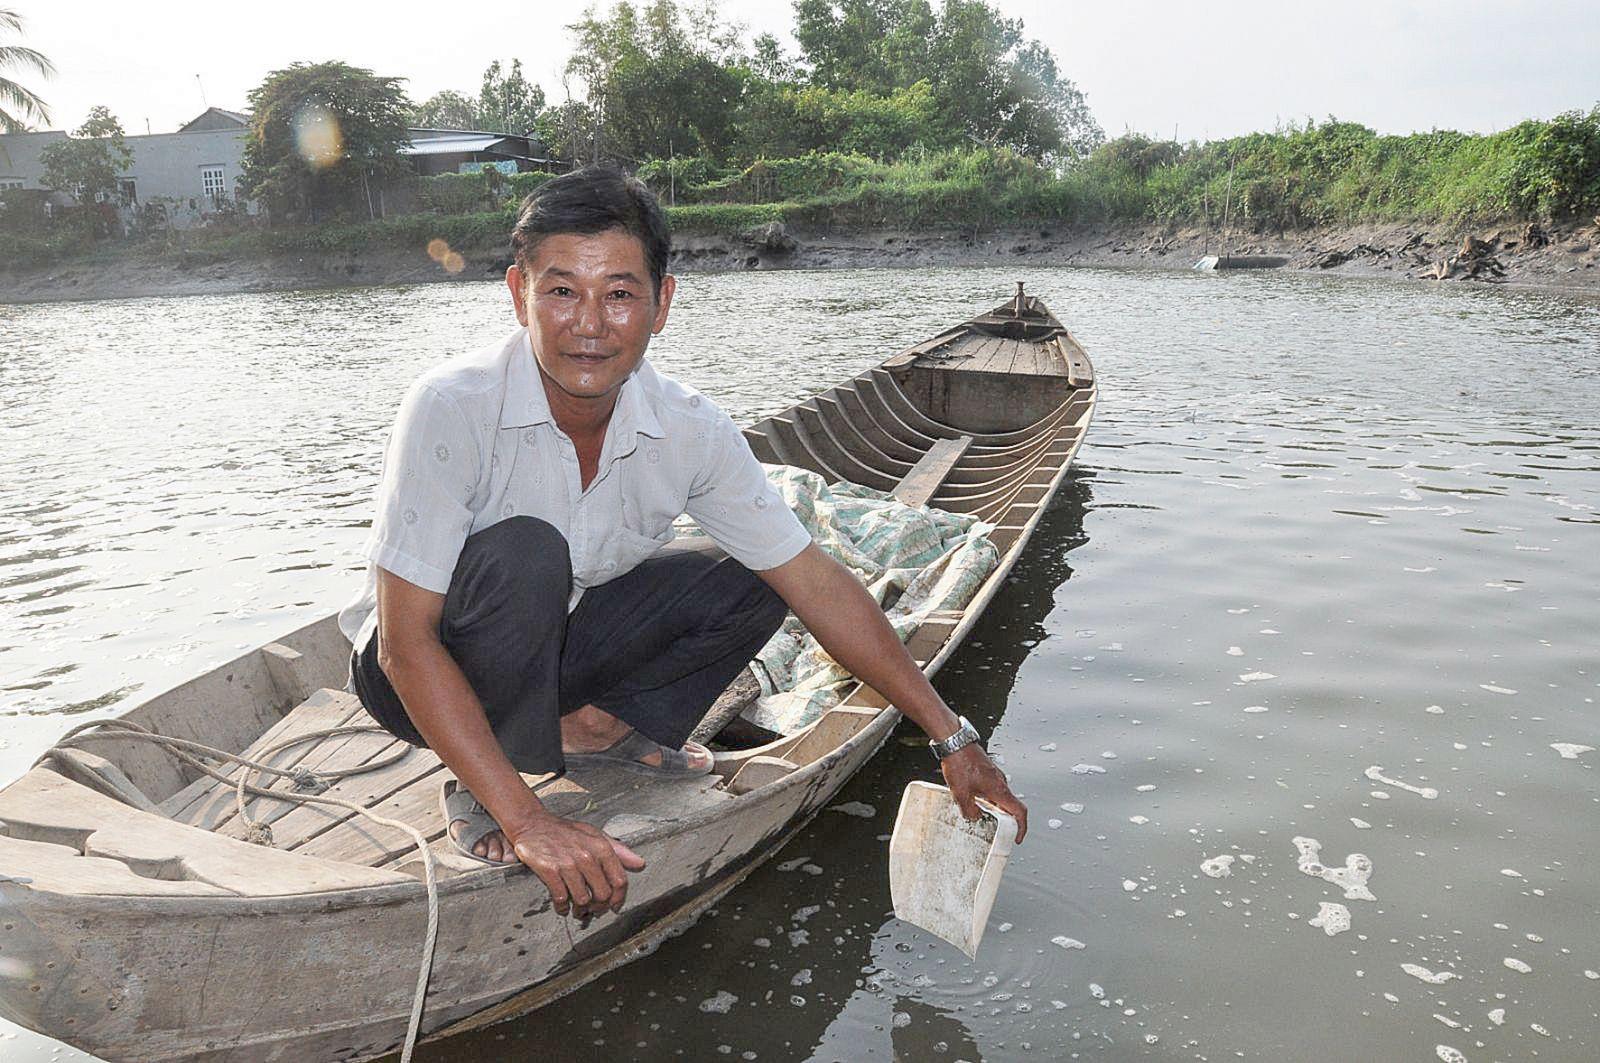 Ông Lê Văn Bảy cần cù lao động để có điều kiện giúp đỡ cho nhiều hoàn cảnh khó khăn. Ảnh: ANH DŨNG